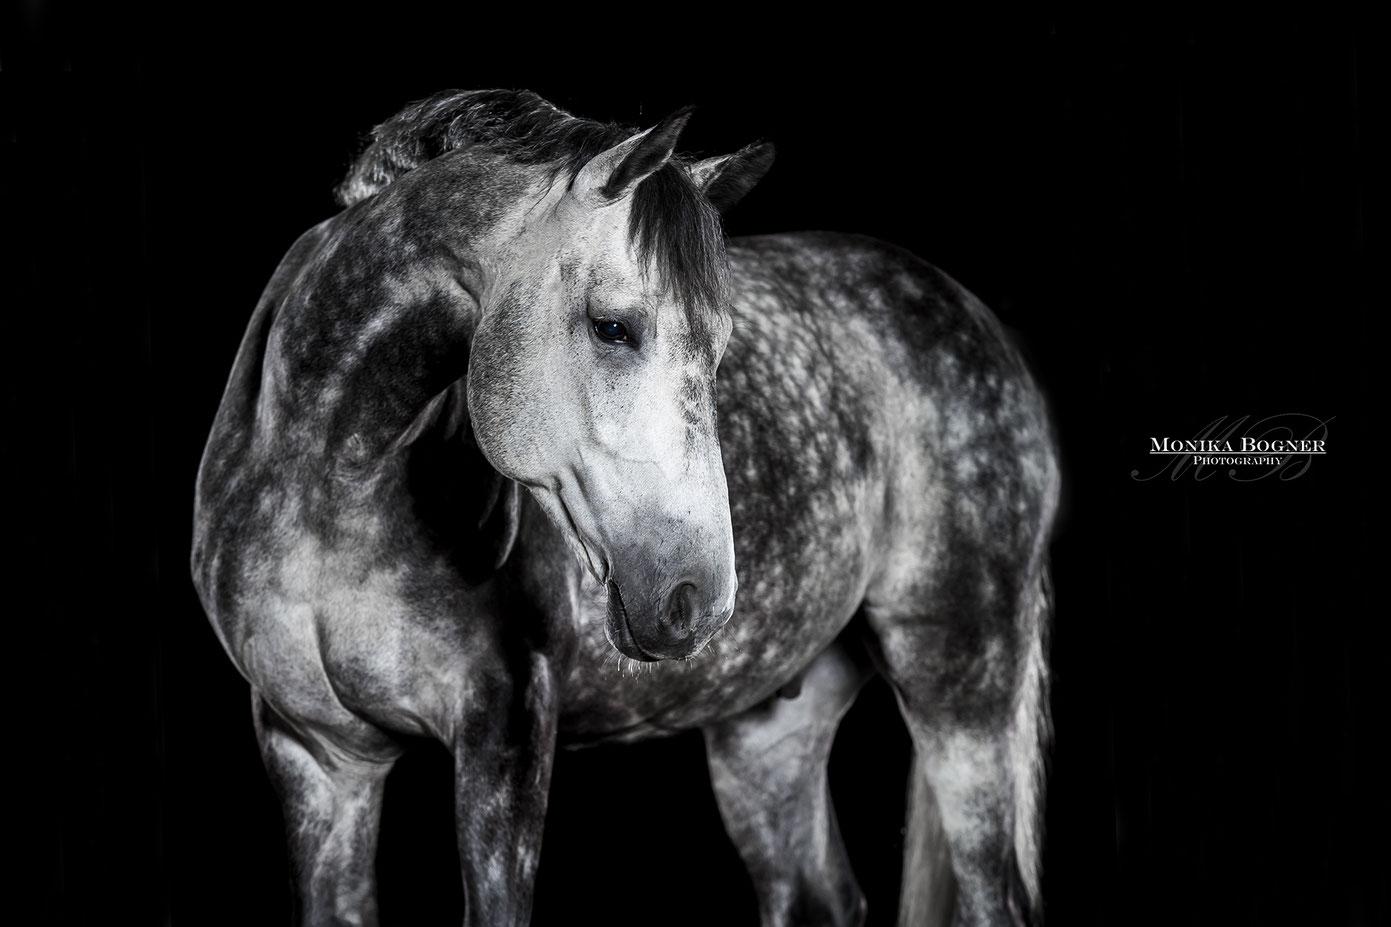 Pferde im Studio, Pferde vor schwarzem Hintergrund, Pferdefotografie, Apfelschimmel, Dressurpferd